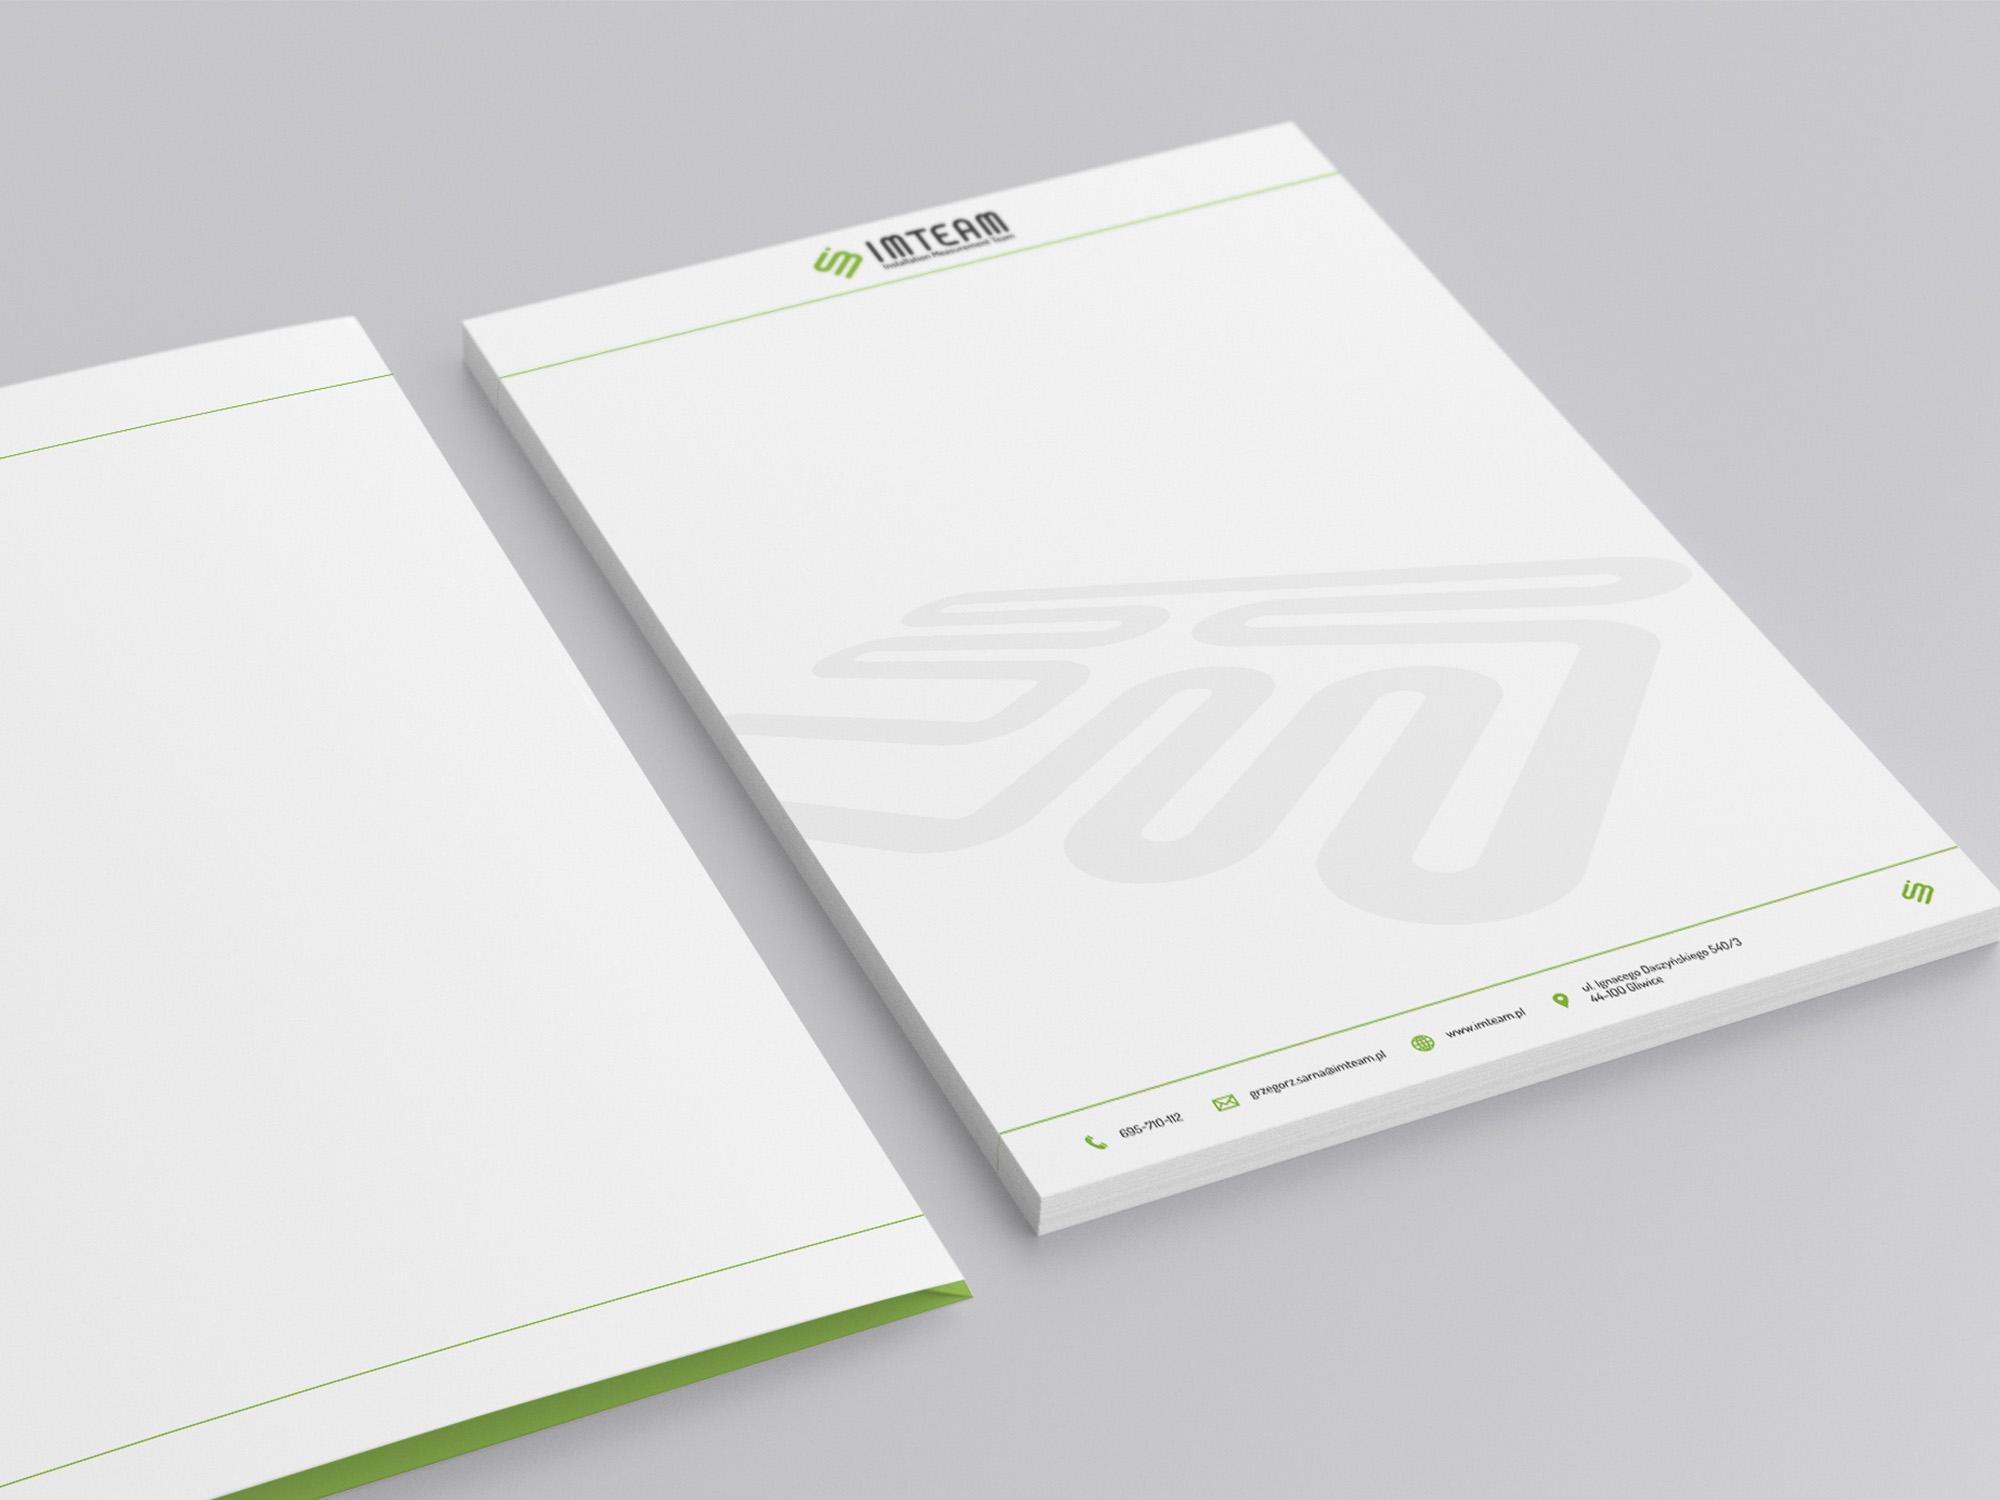 papier firmowy projektowanie